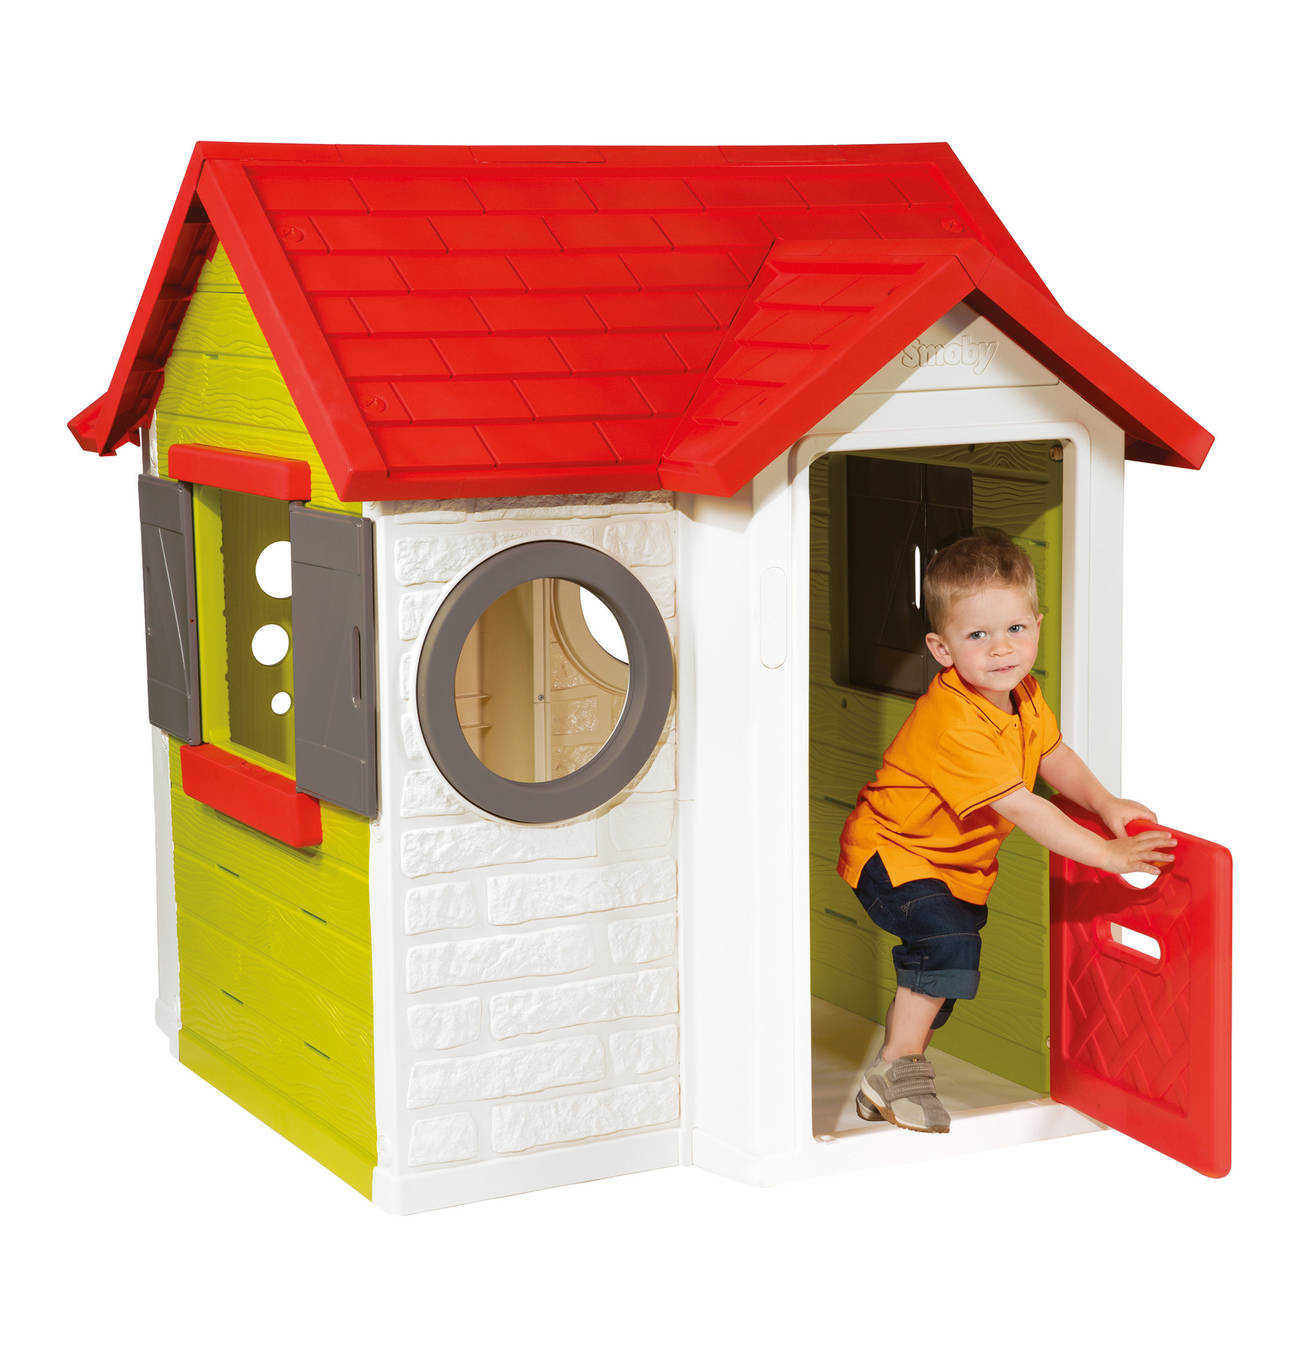 smoby spielhaus mein haus f r 149 99 statt 183 05 schn ppchen blog mit doktortitel. Black Bedroom Furniture Sets. Home Design Ideas